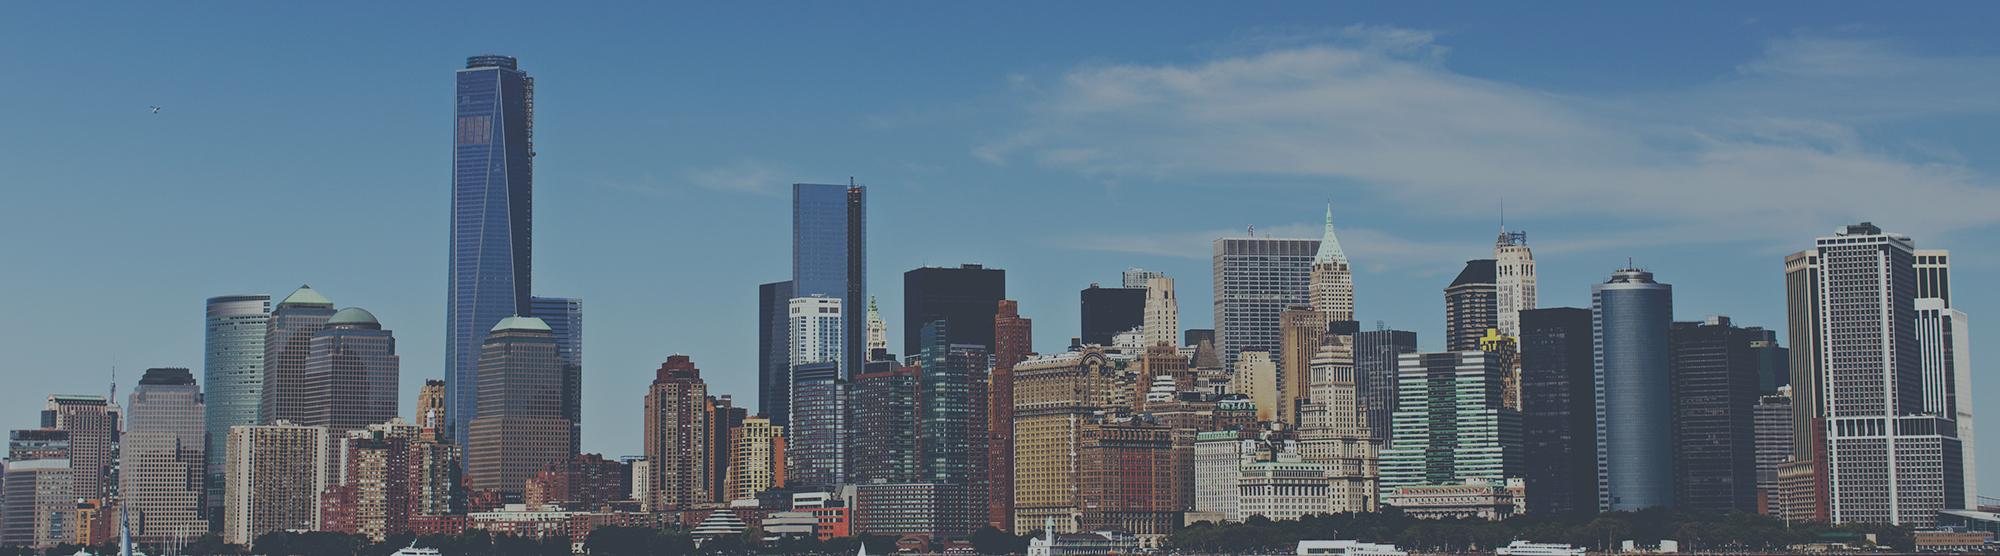 skyline-nyc